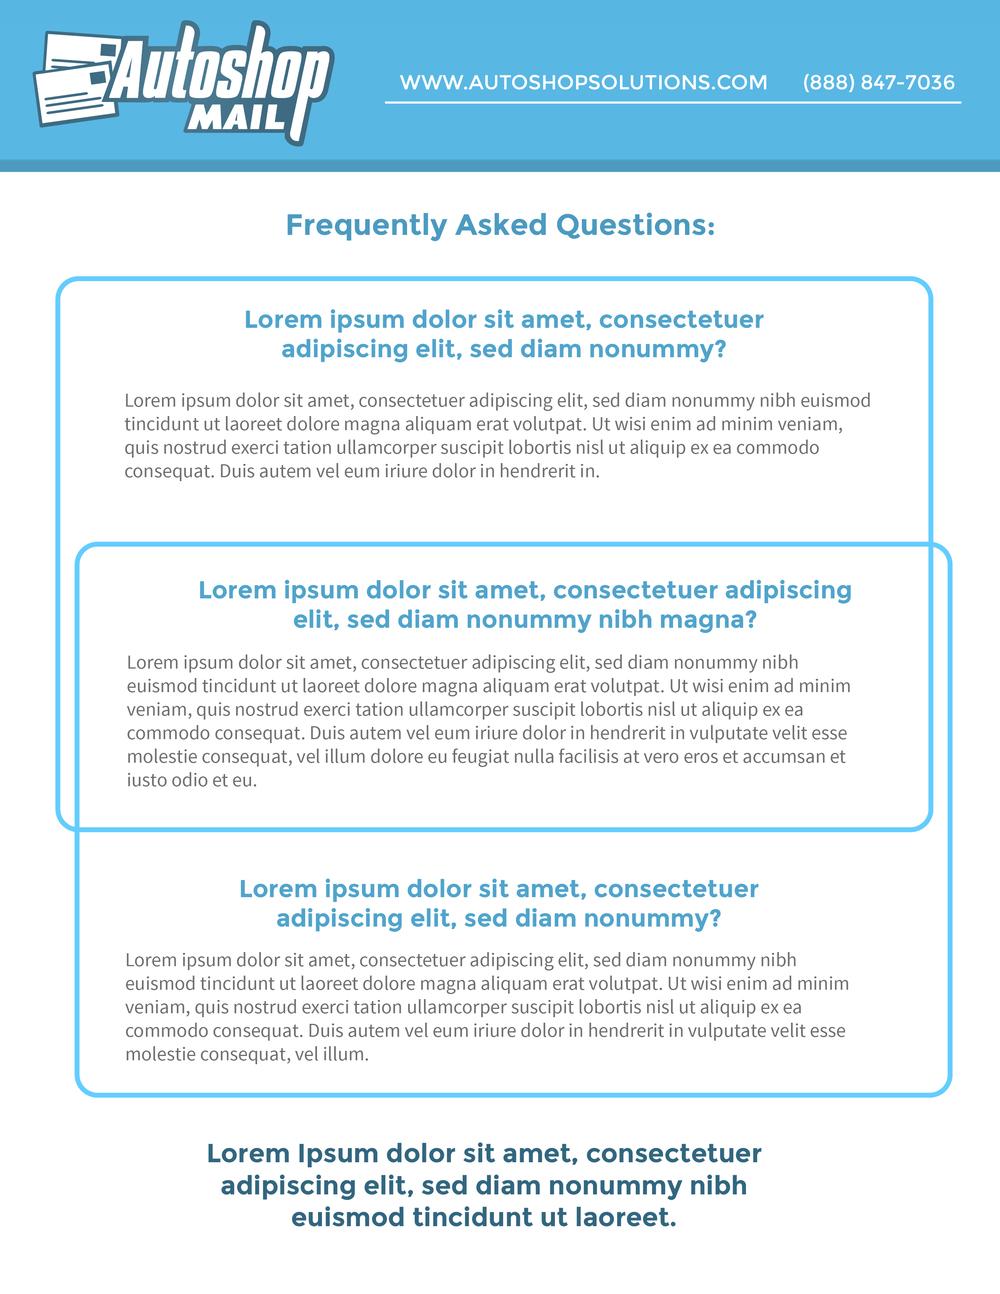 Autoshop Solutions Inc: Autoshop Mail PDF - Page 3